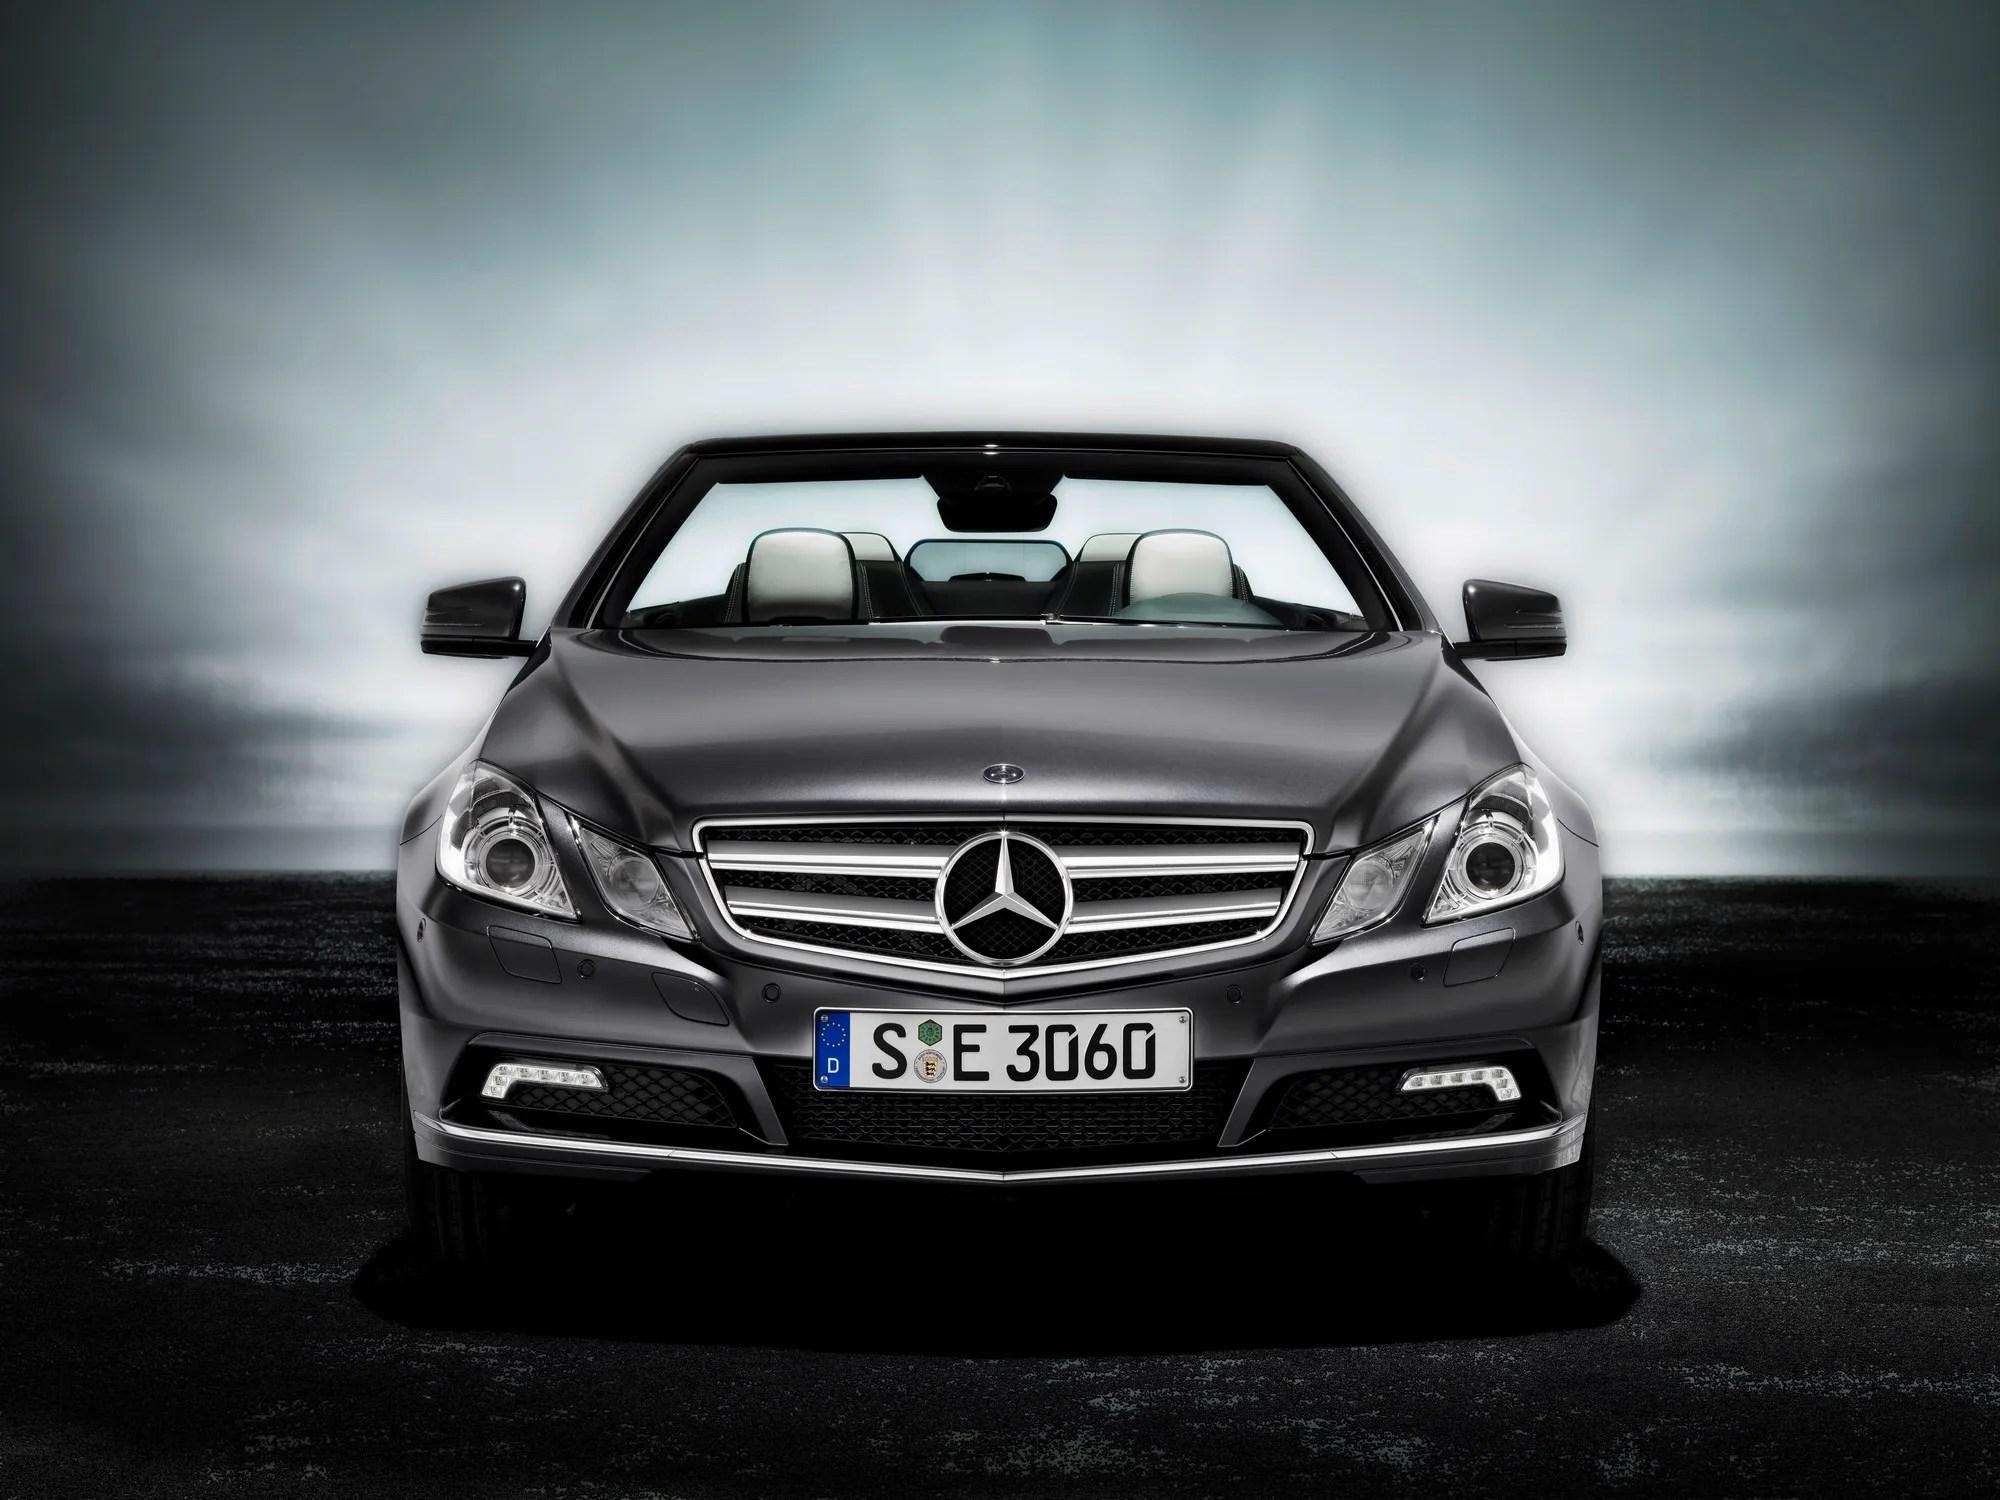 2011 Mercedes E-Class Convertible Prime Edition | Top Speed